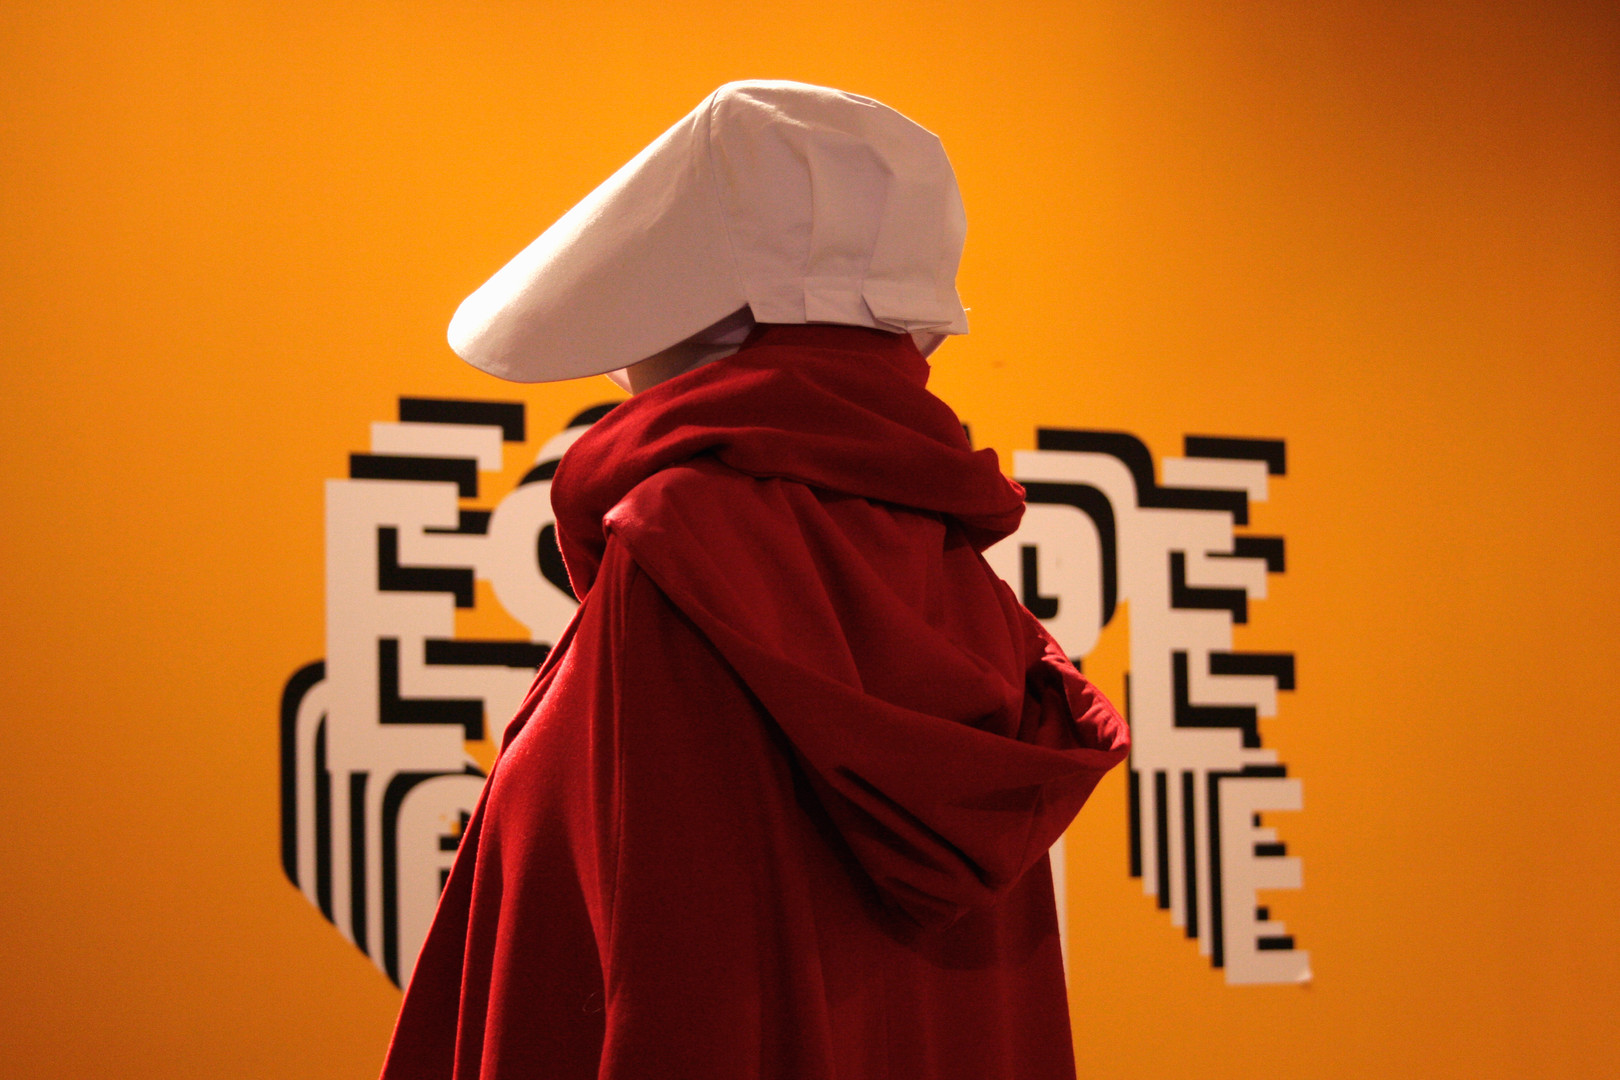 Exposition de costumes, dont la fameuse tenue rouge de The Handmaid's Tale